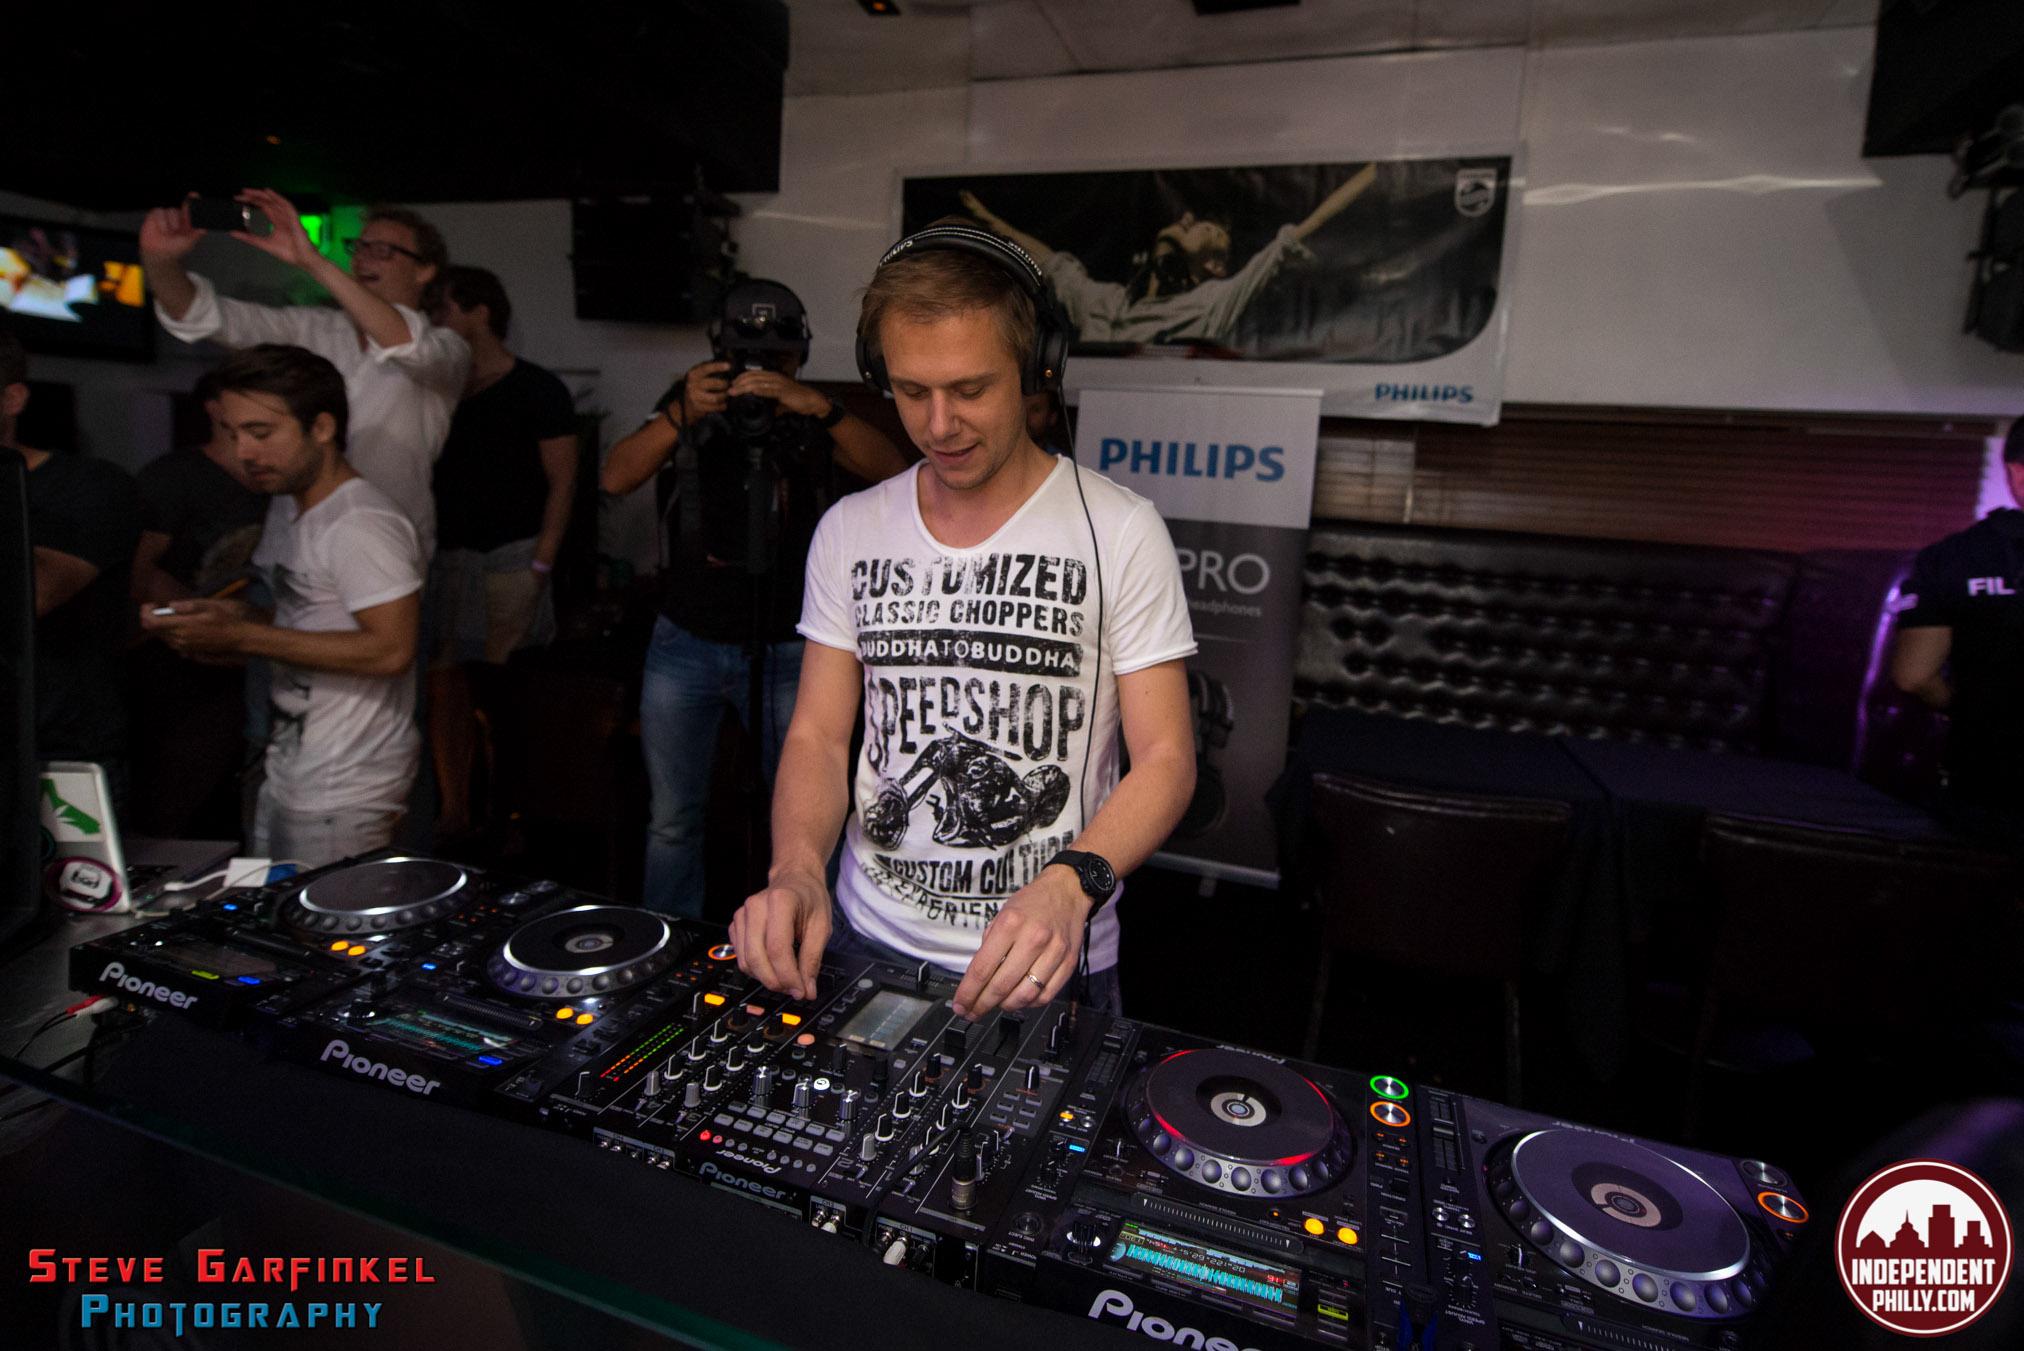 Armin-37